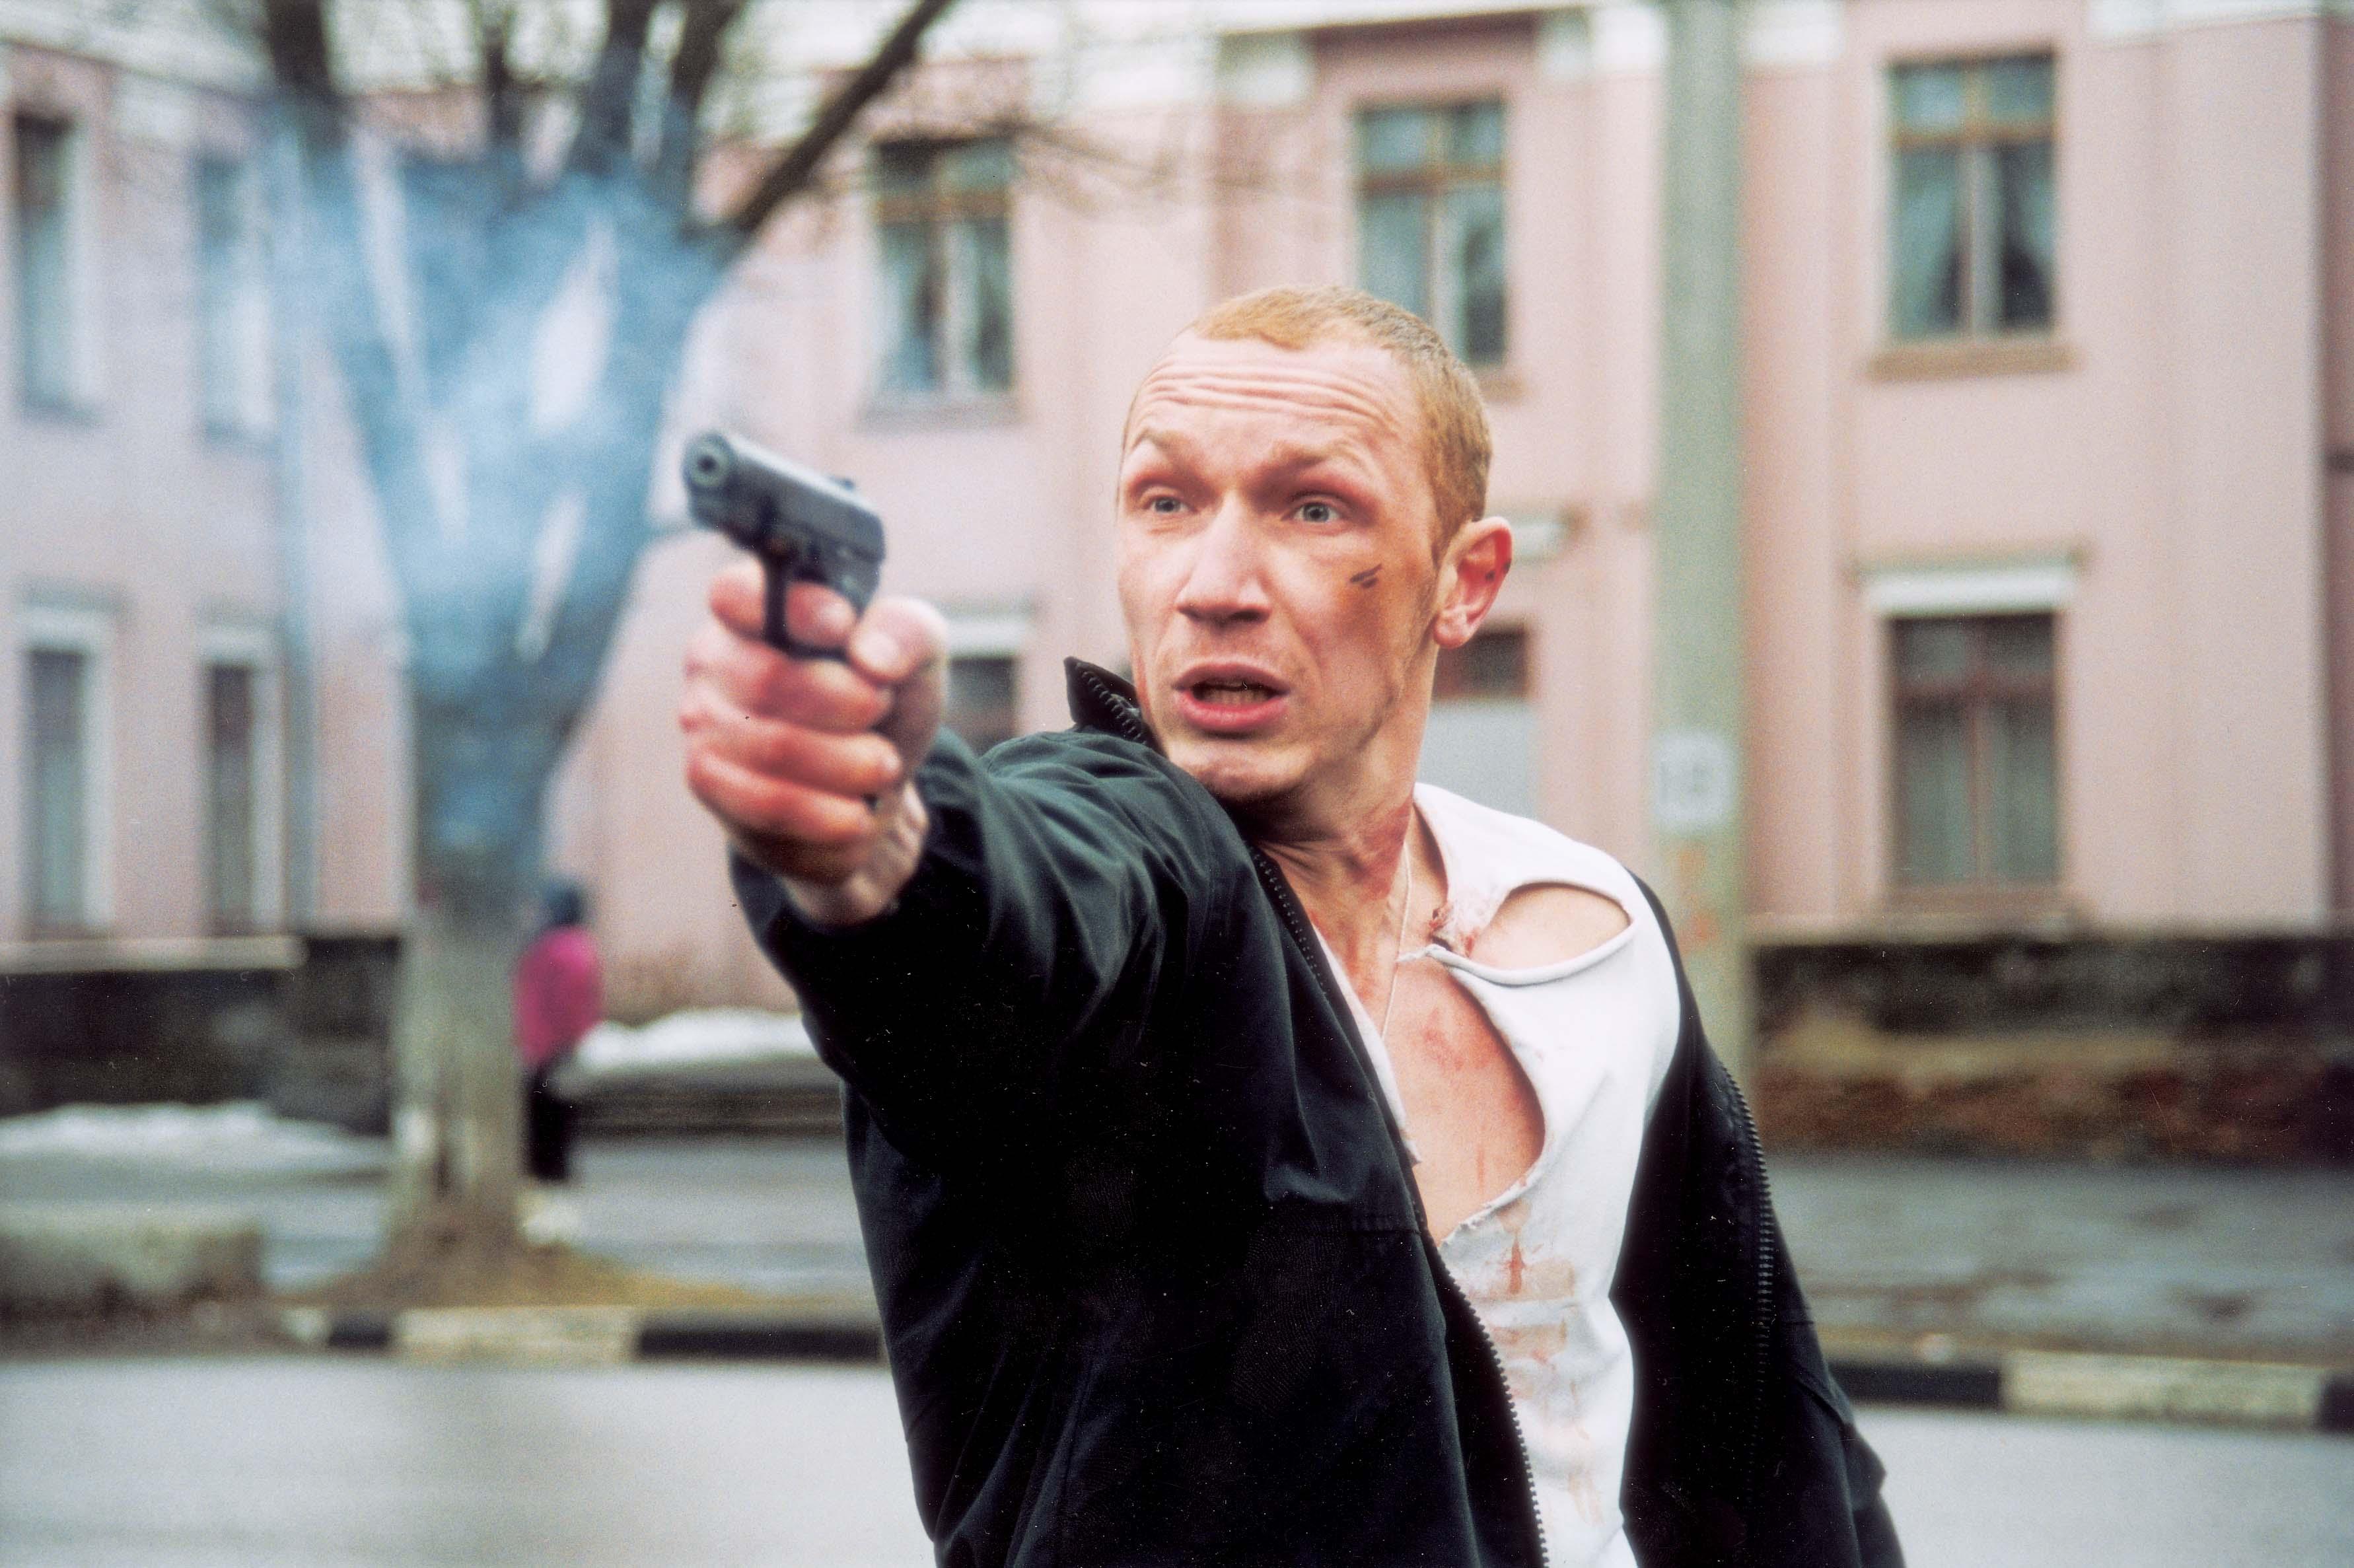 Максима Коновалов в известной криминальной драме